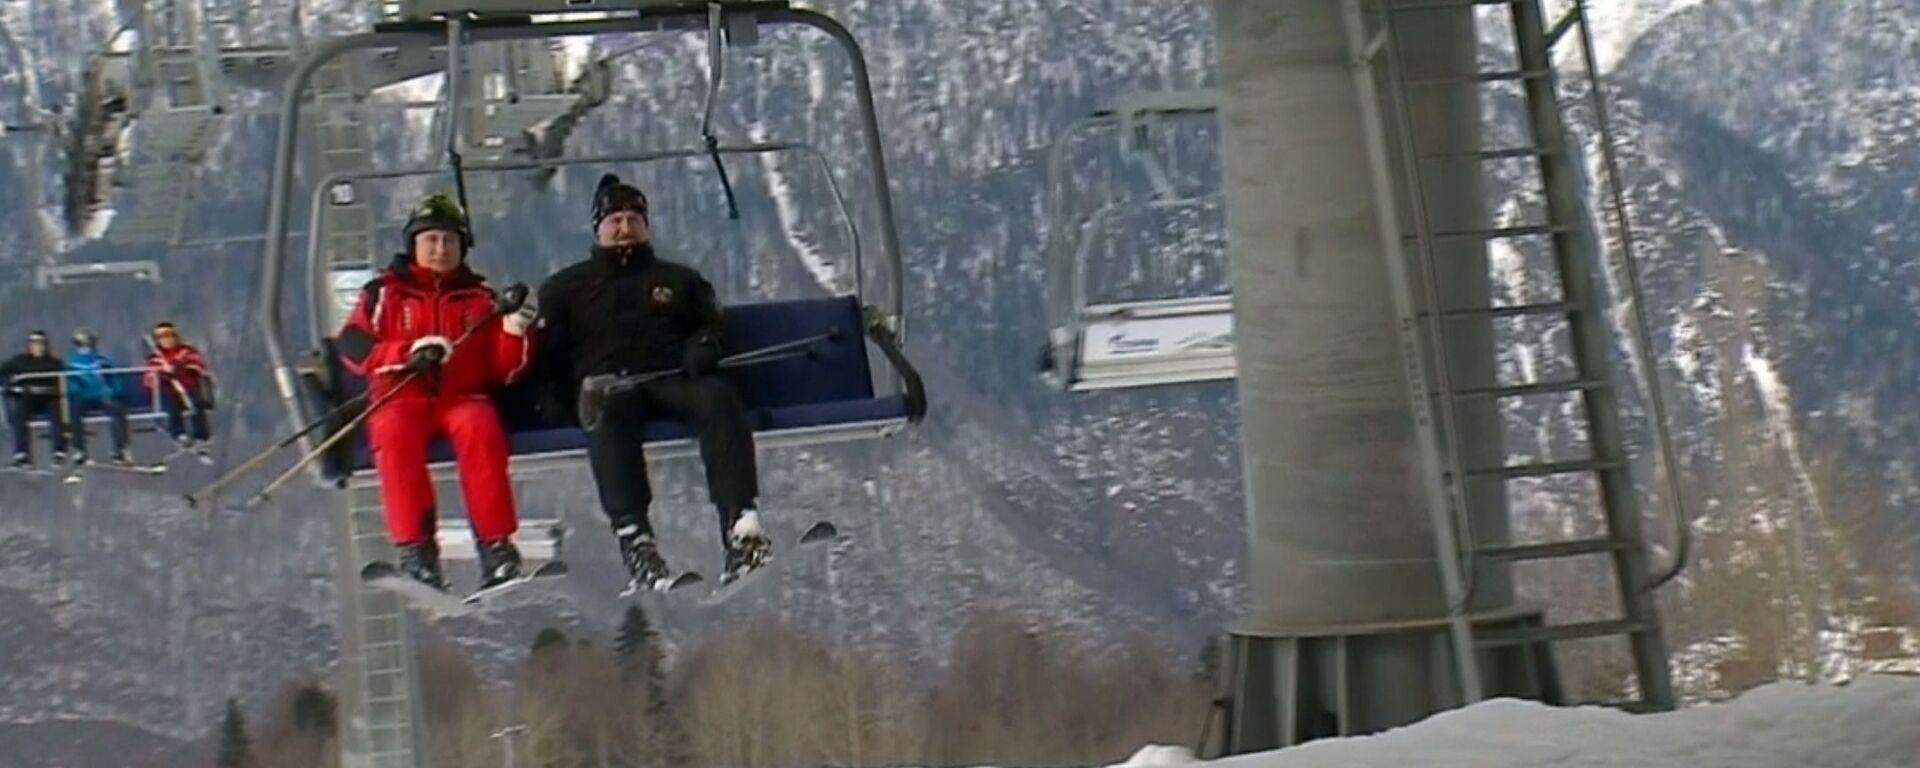 Путин и Лукашенко покатались на горных лыжах в Сочи - Sputnik Latvija, 1920, 15.02.2019